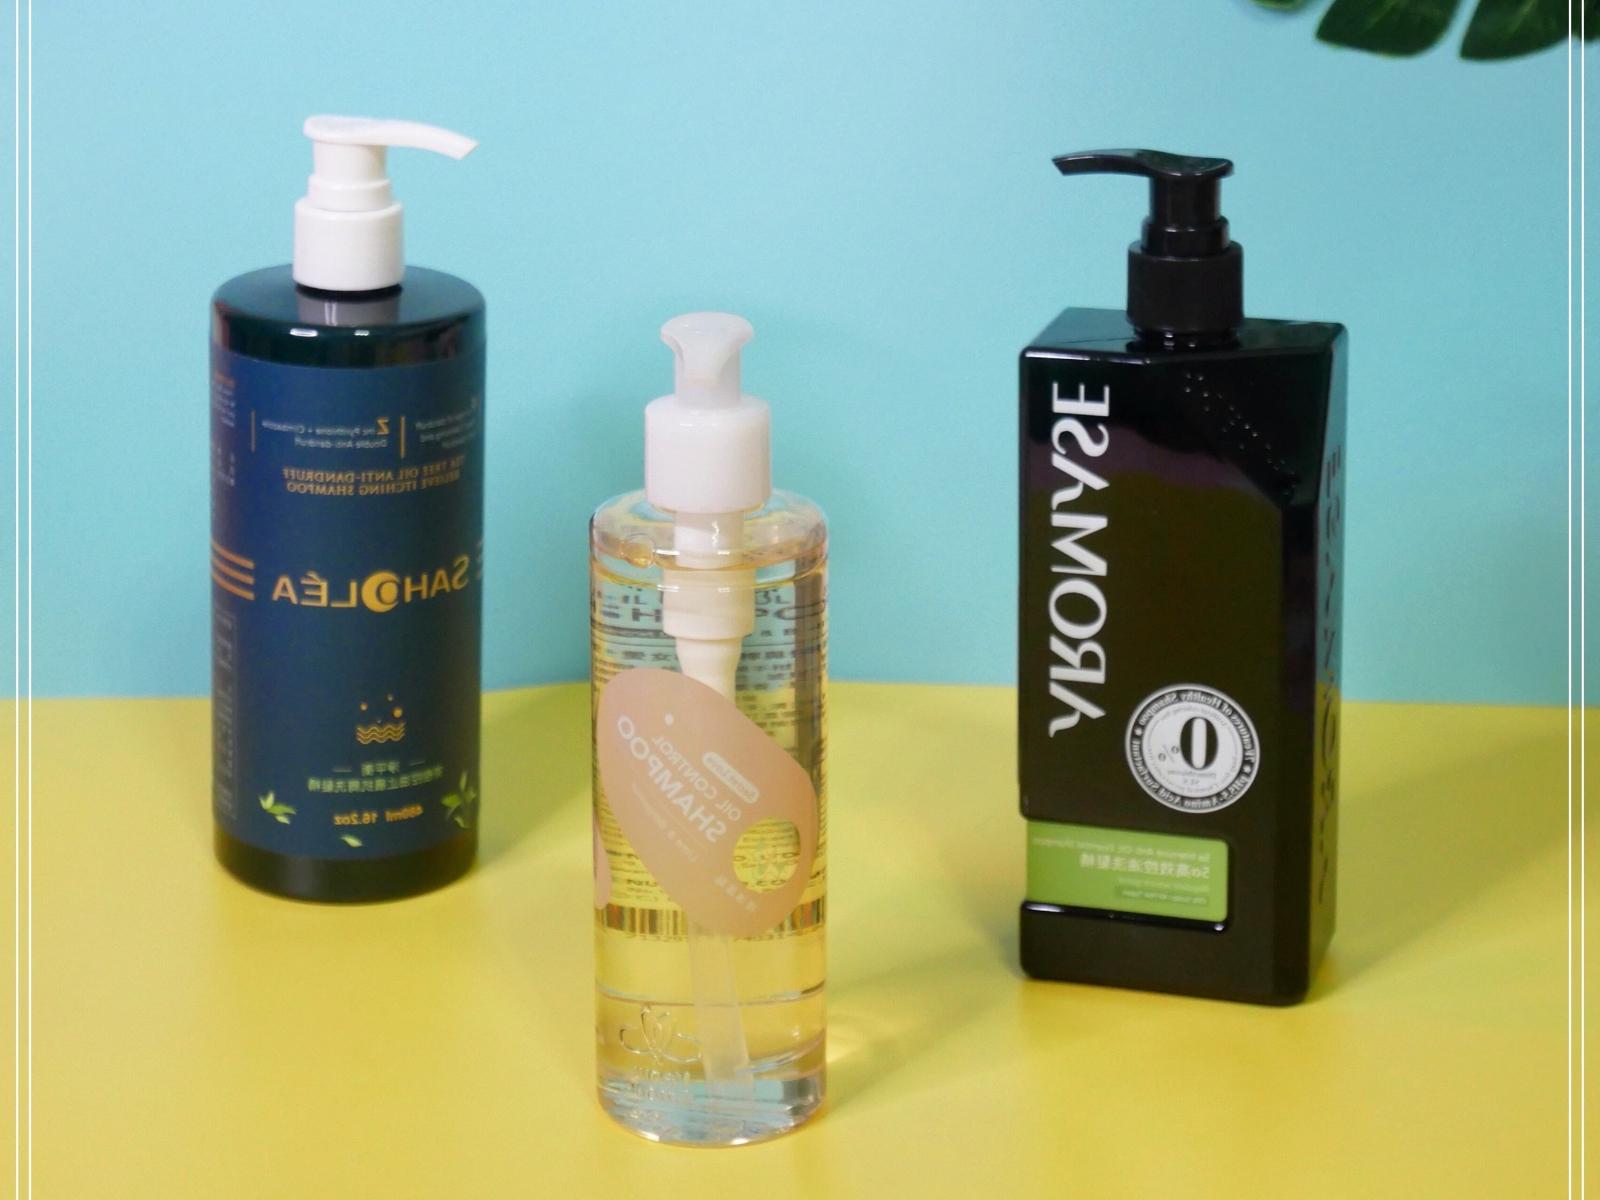 【終結夏日油頭】三款控油洗髮精評比|森歐黎漾、艾瑪絲、戀愛女神!輕鬆洗出背殺級秀髮